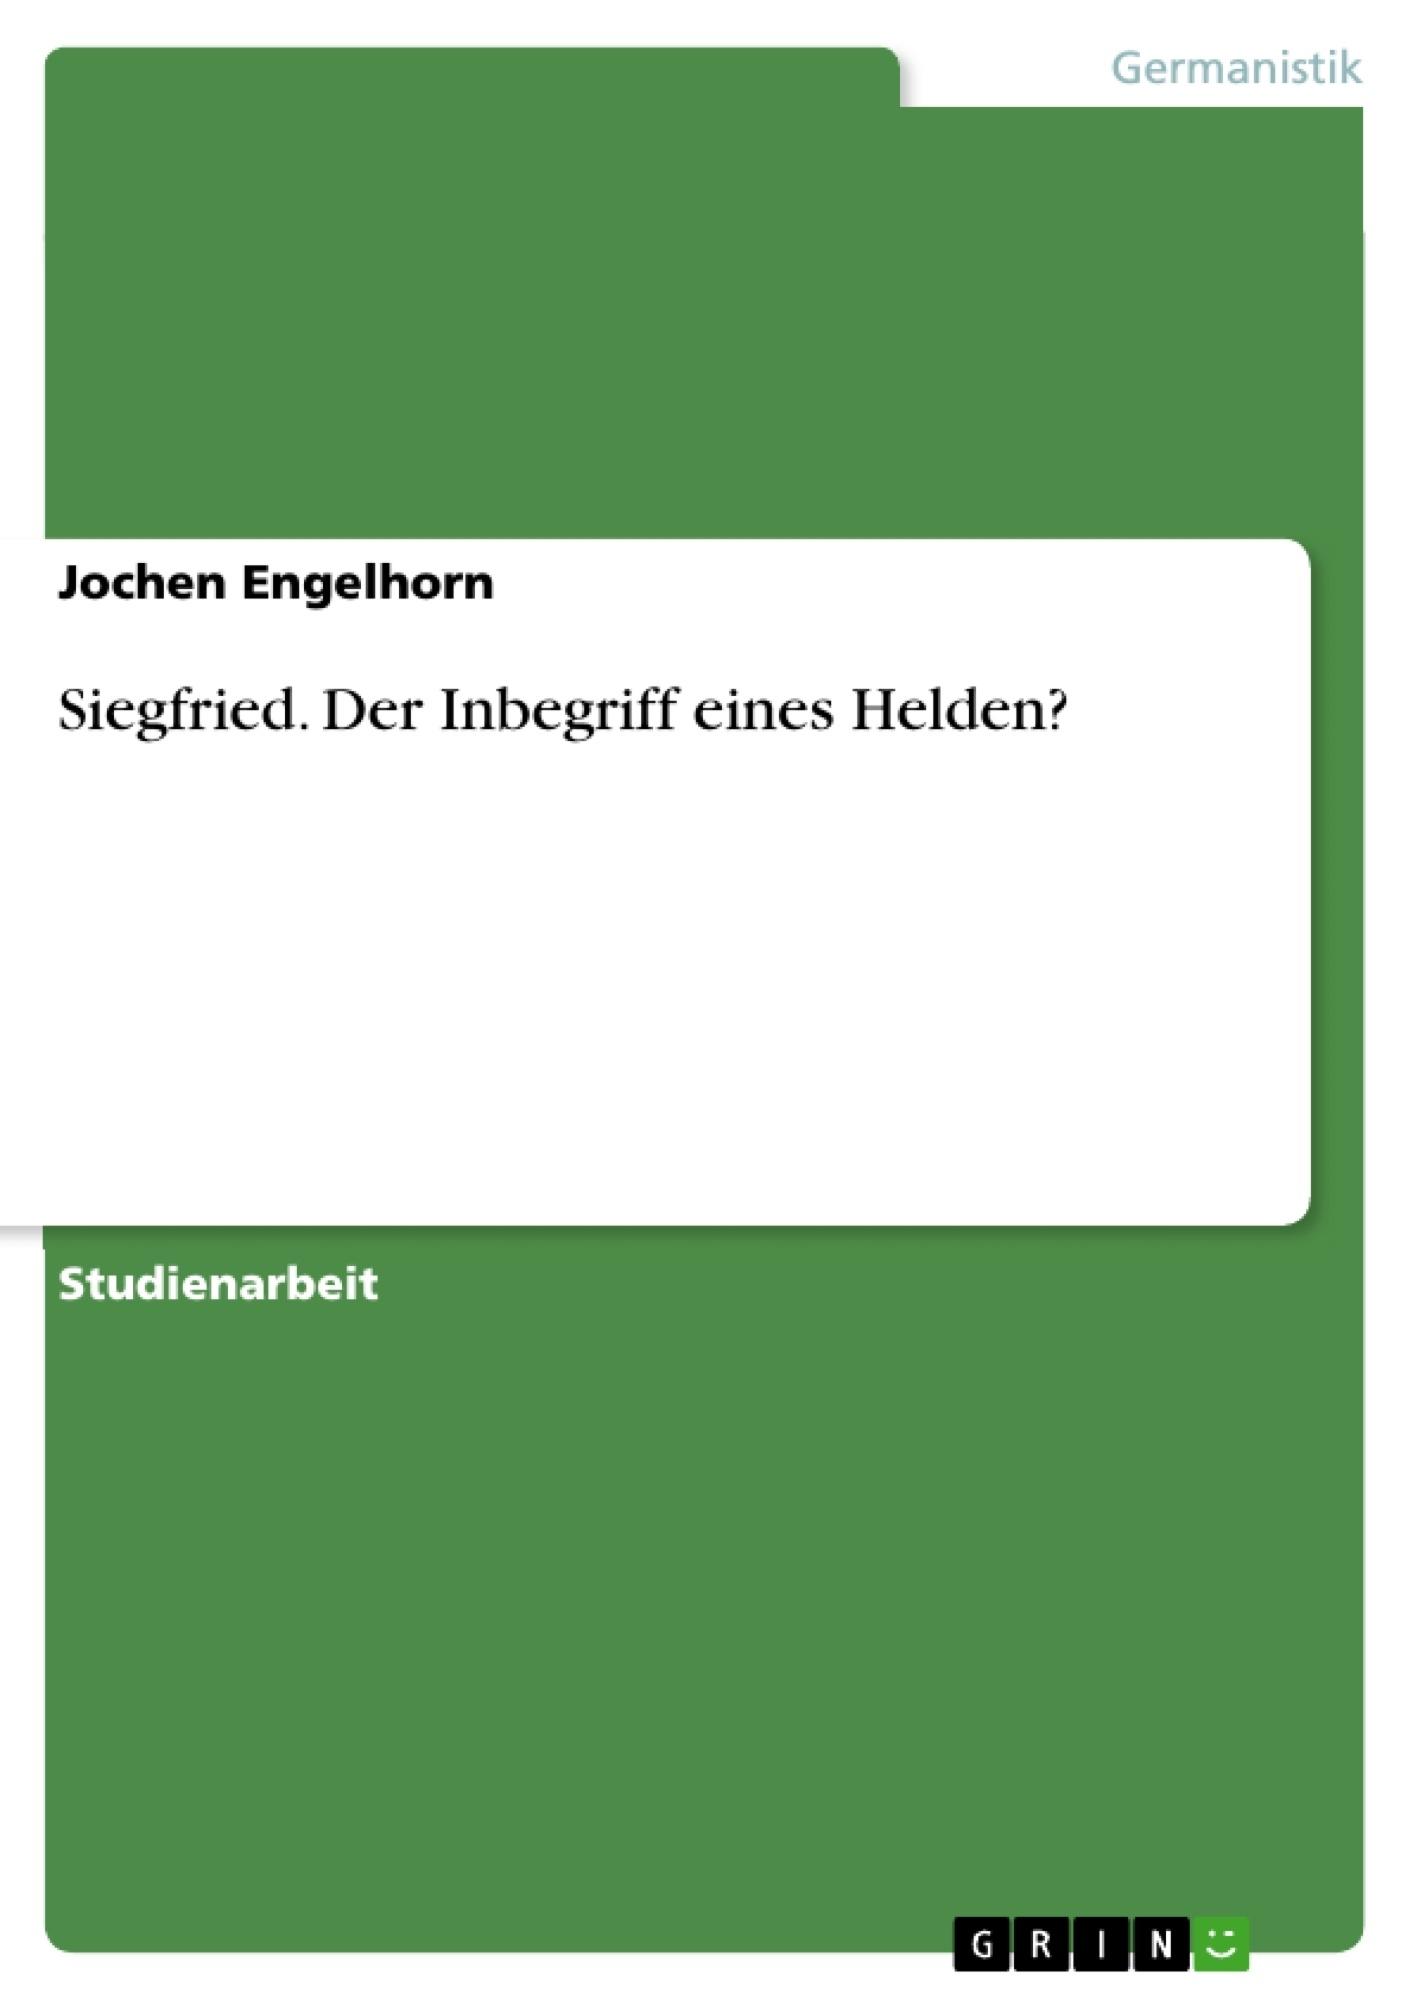 Titel: Siegfried. Der Inbegriff eines Helden?